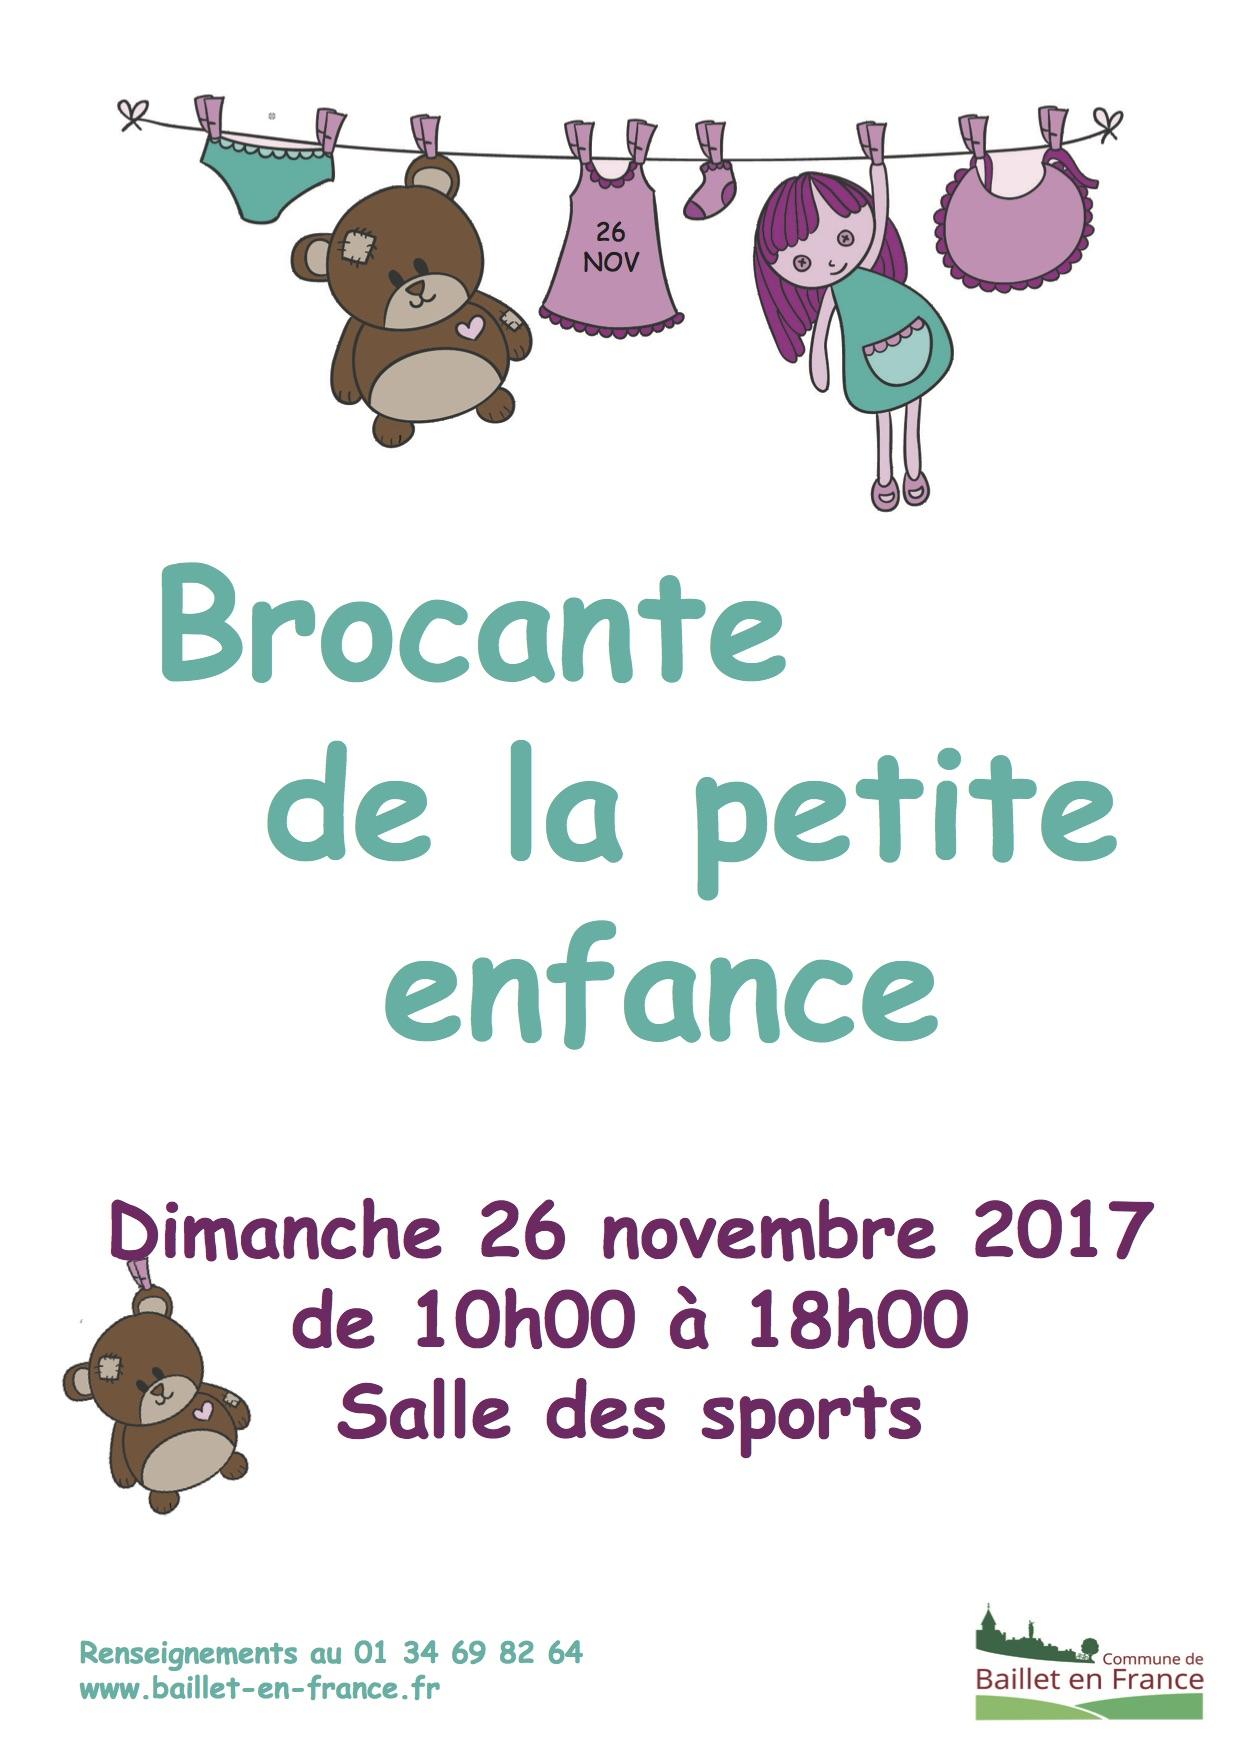 Brocante de la petite enfance baillet en france for Salon petite enfance 2017